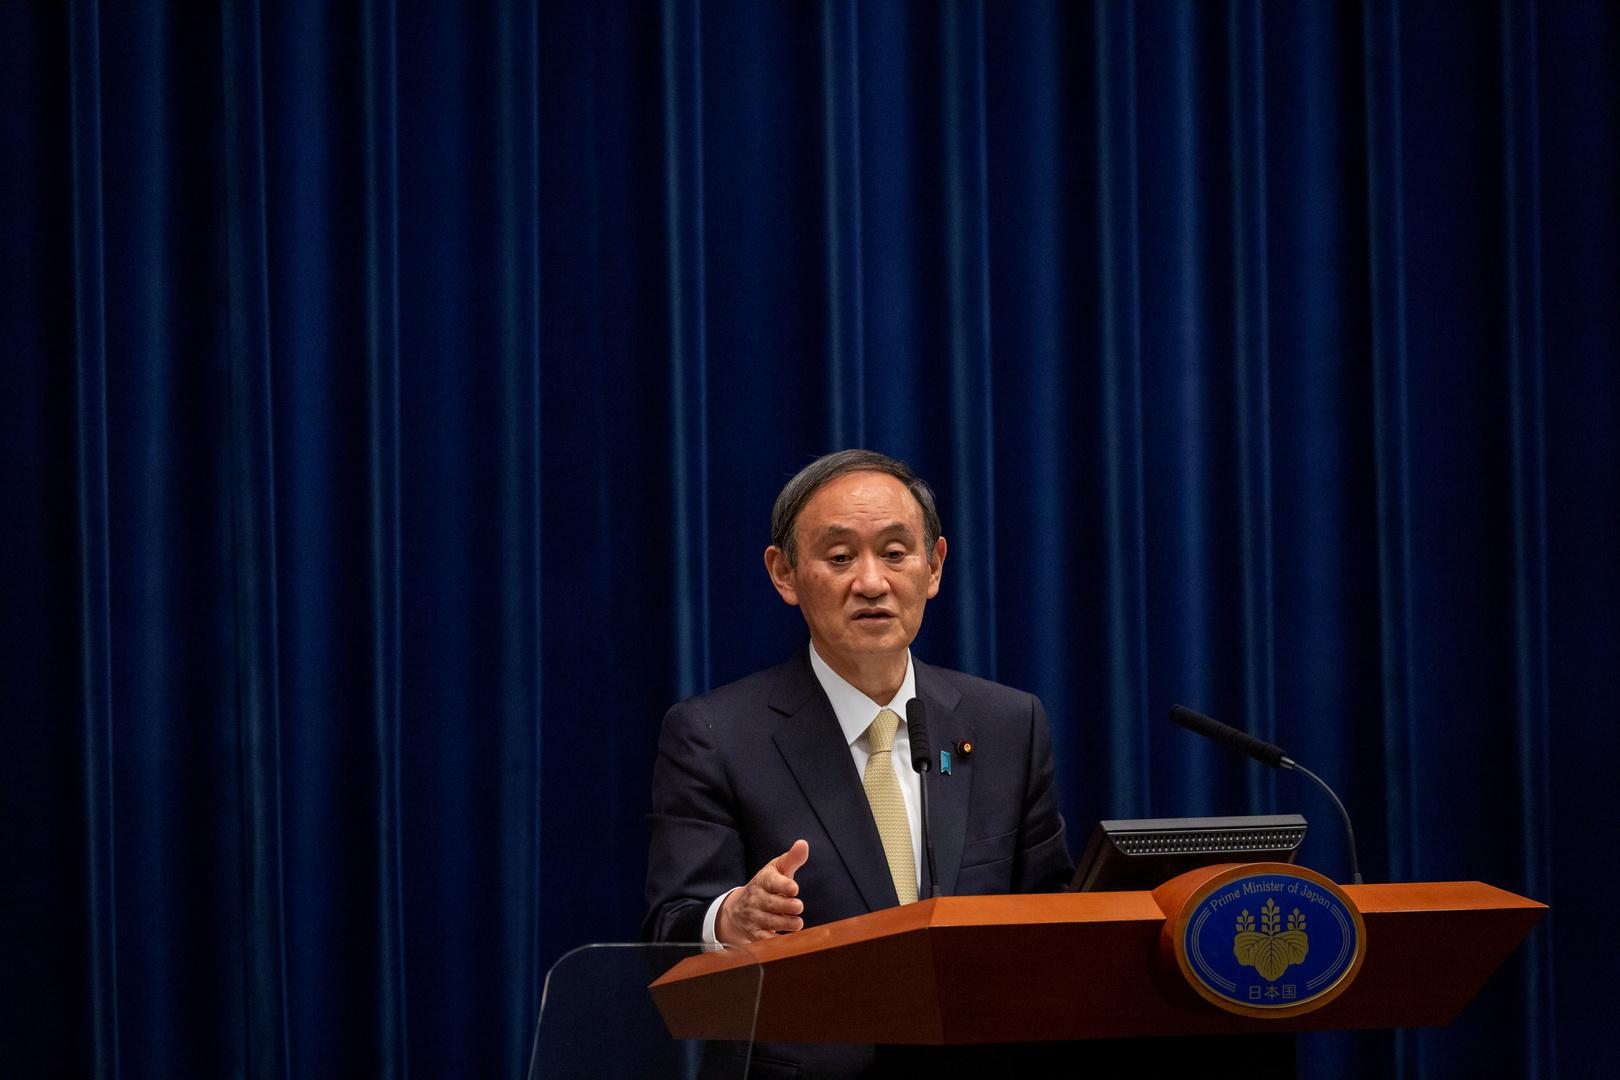 وكالة: اليابان مستعدة لتخصيص 800 مليون دولار إضافي لدعم برنامج COVAX لتوزيع لقاحات كورونا